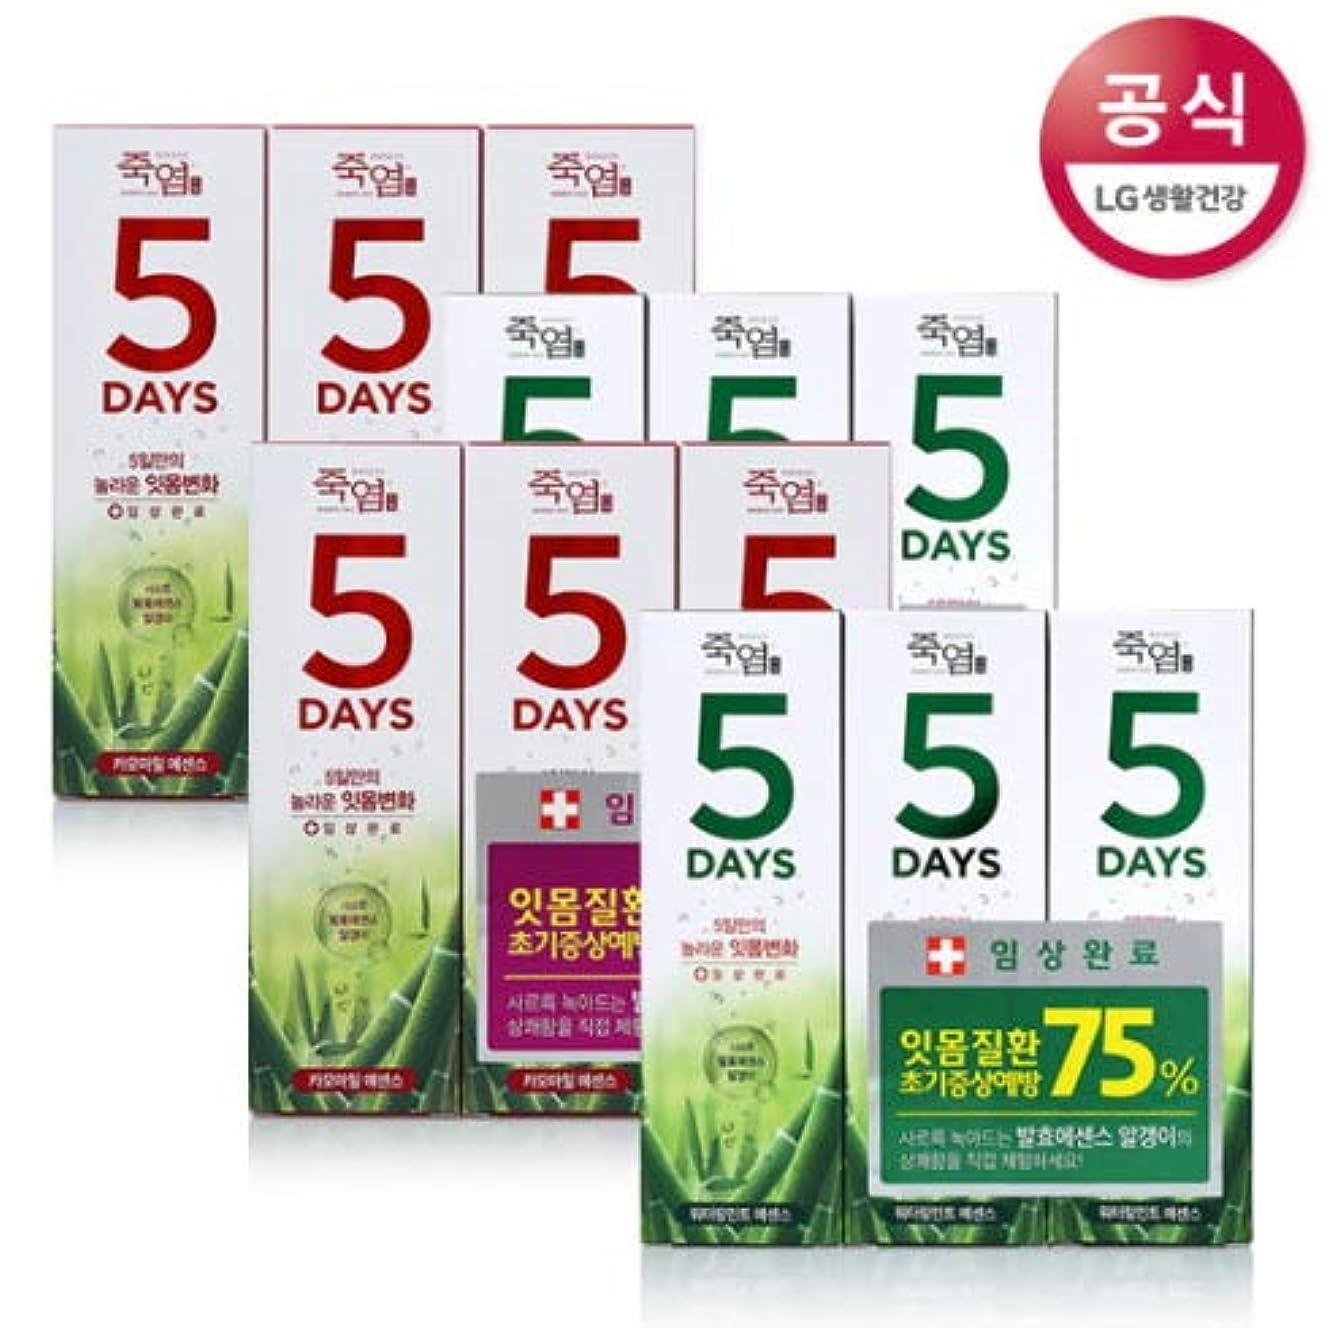 説教衝突する販売員[LG HnB] Bamboo Salt 5days Toothpaste /竹塩5days歯磨き粉 100gx12個(海外直送品)